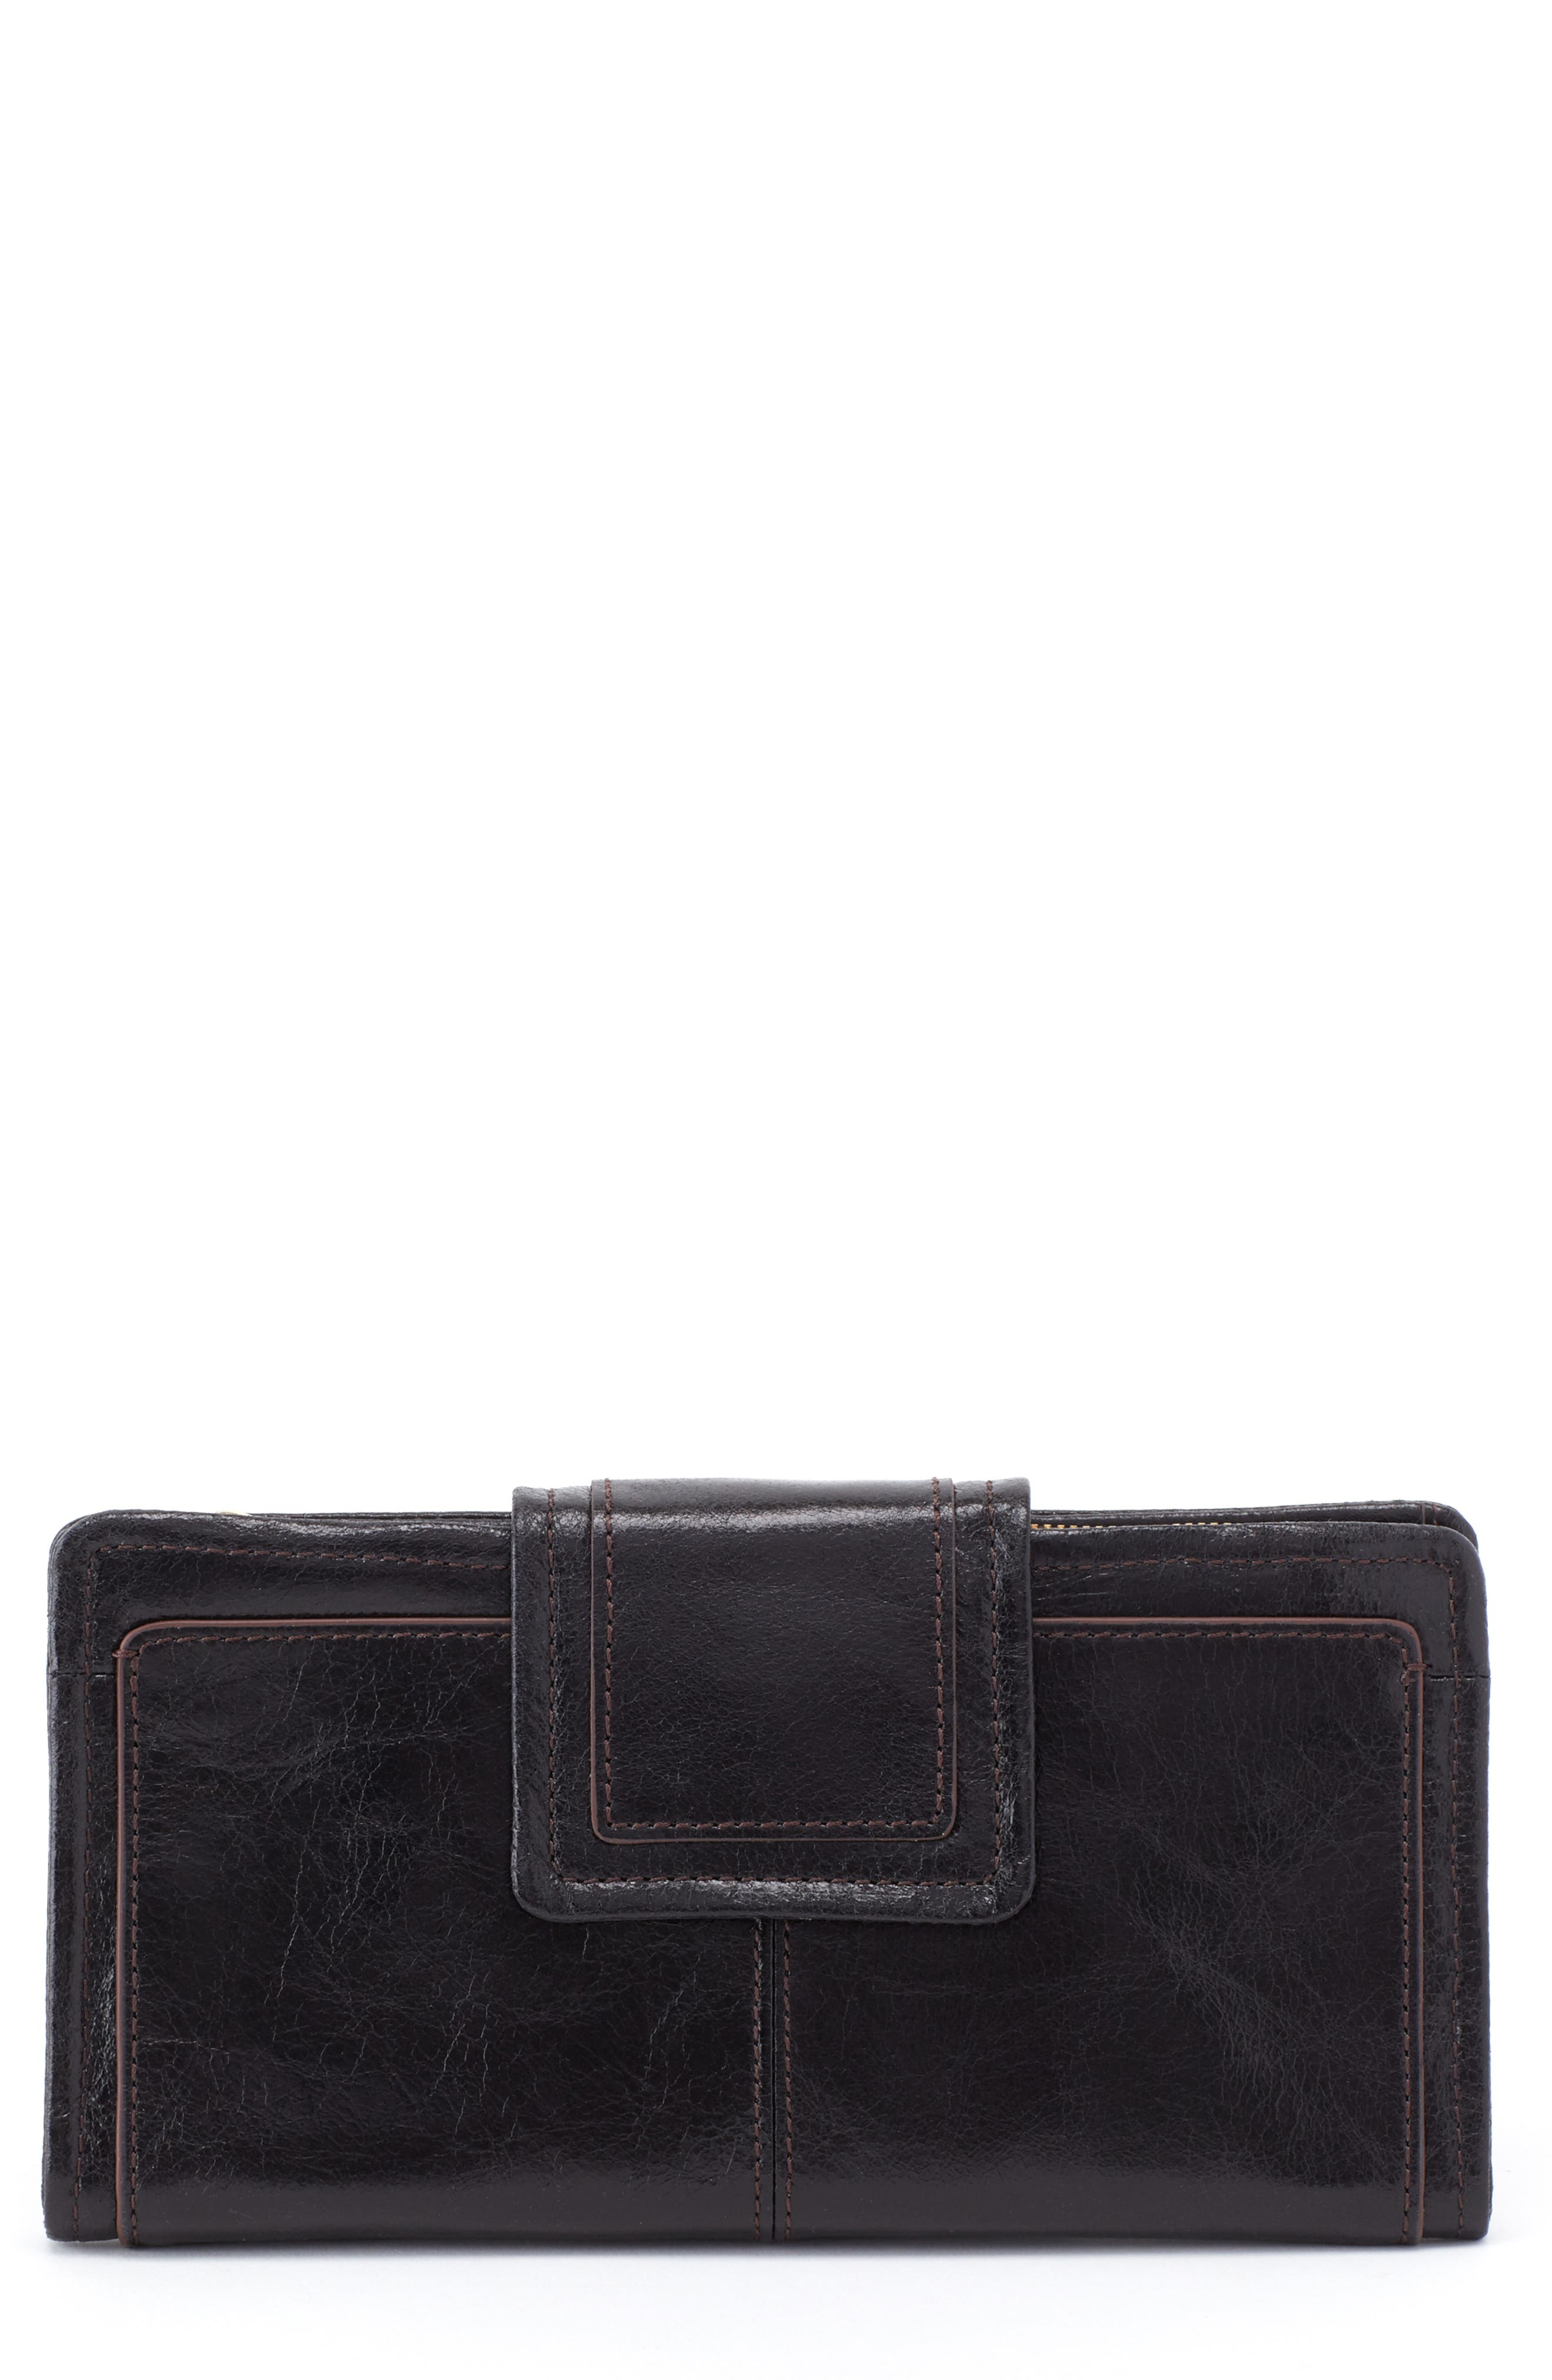 Covet Wallet,                         Main,                         color, 001